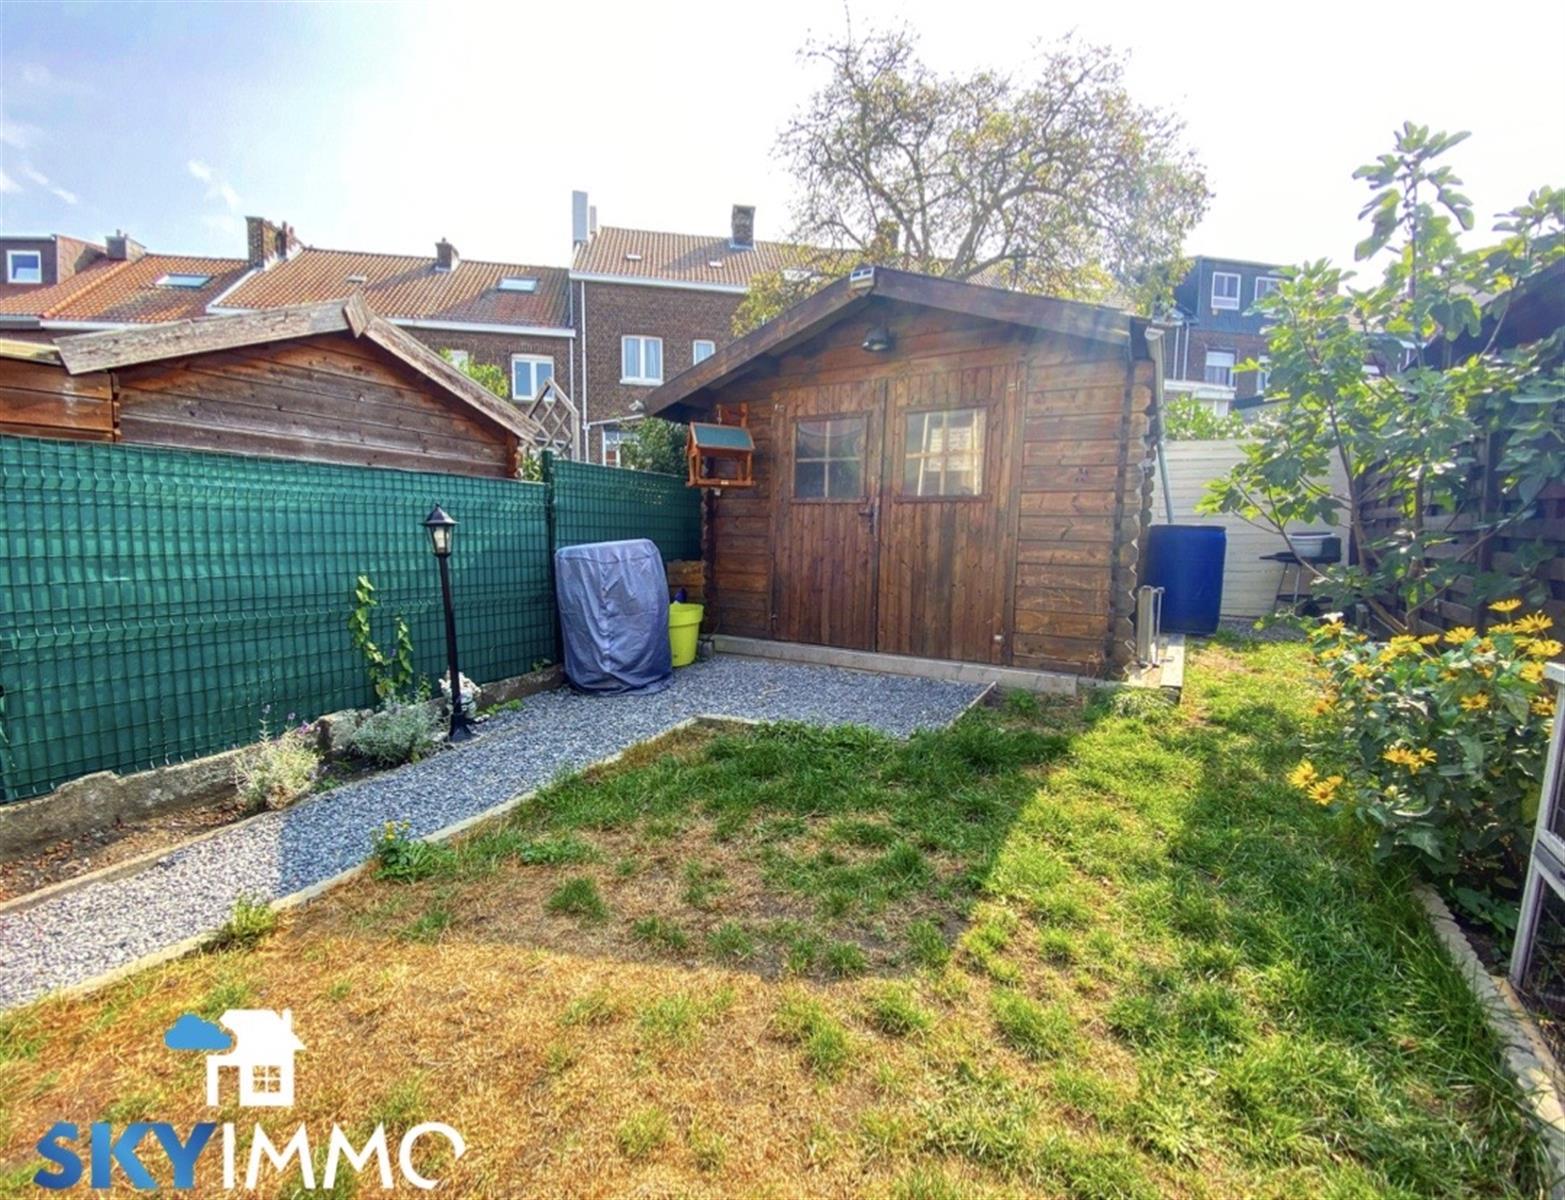 Maison - Liege - #4147640-16